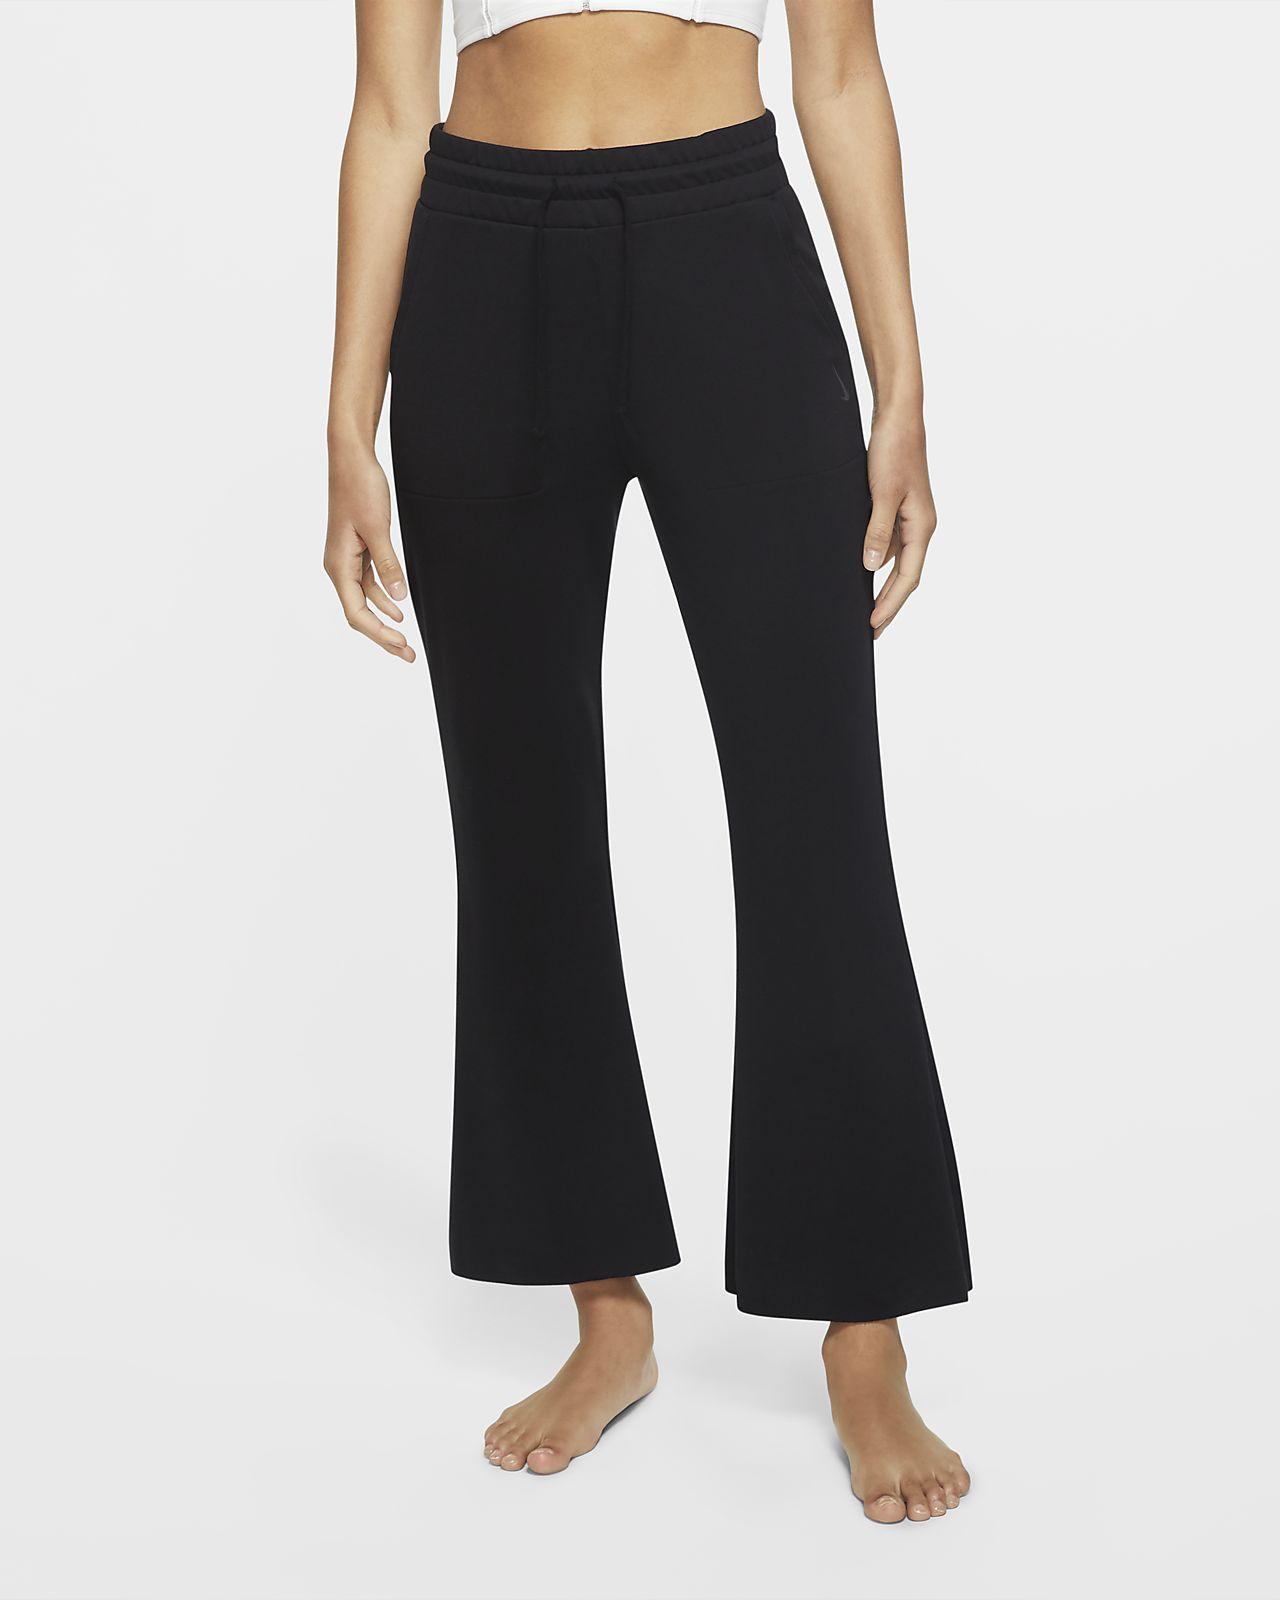 Nike Yoga Women's 7/8 Pants